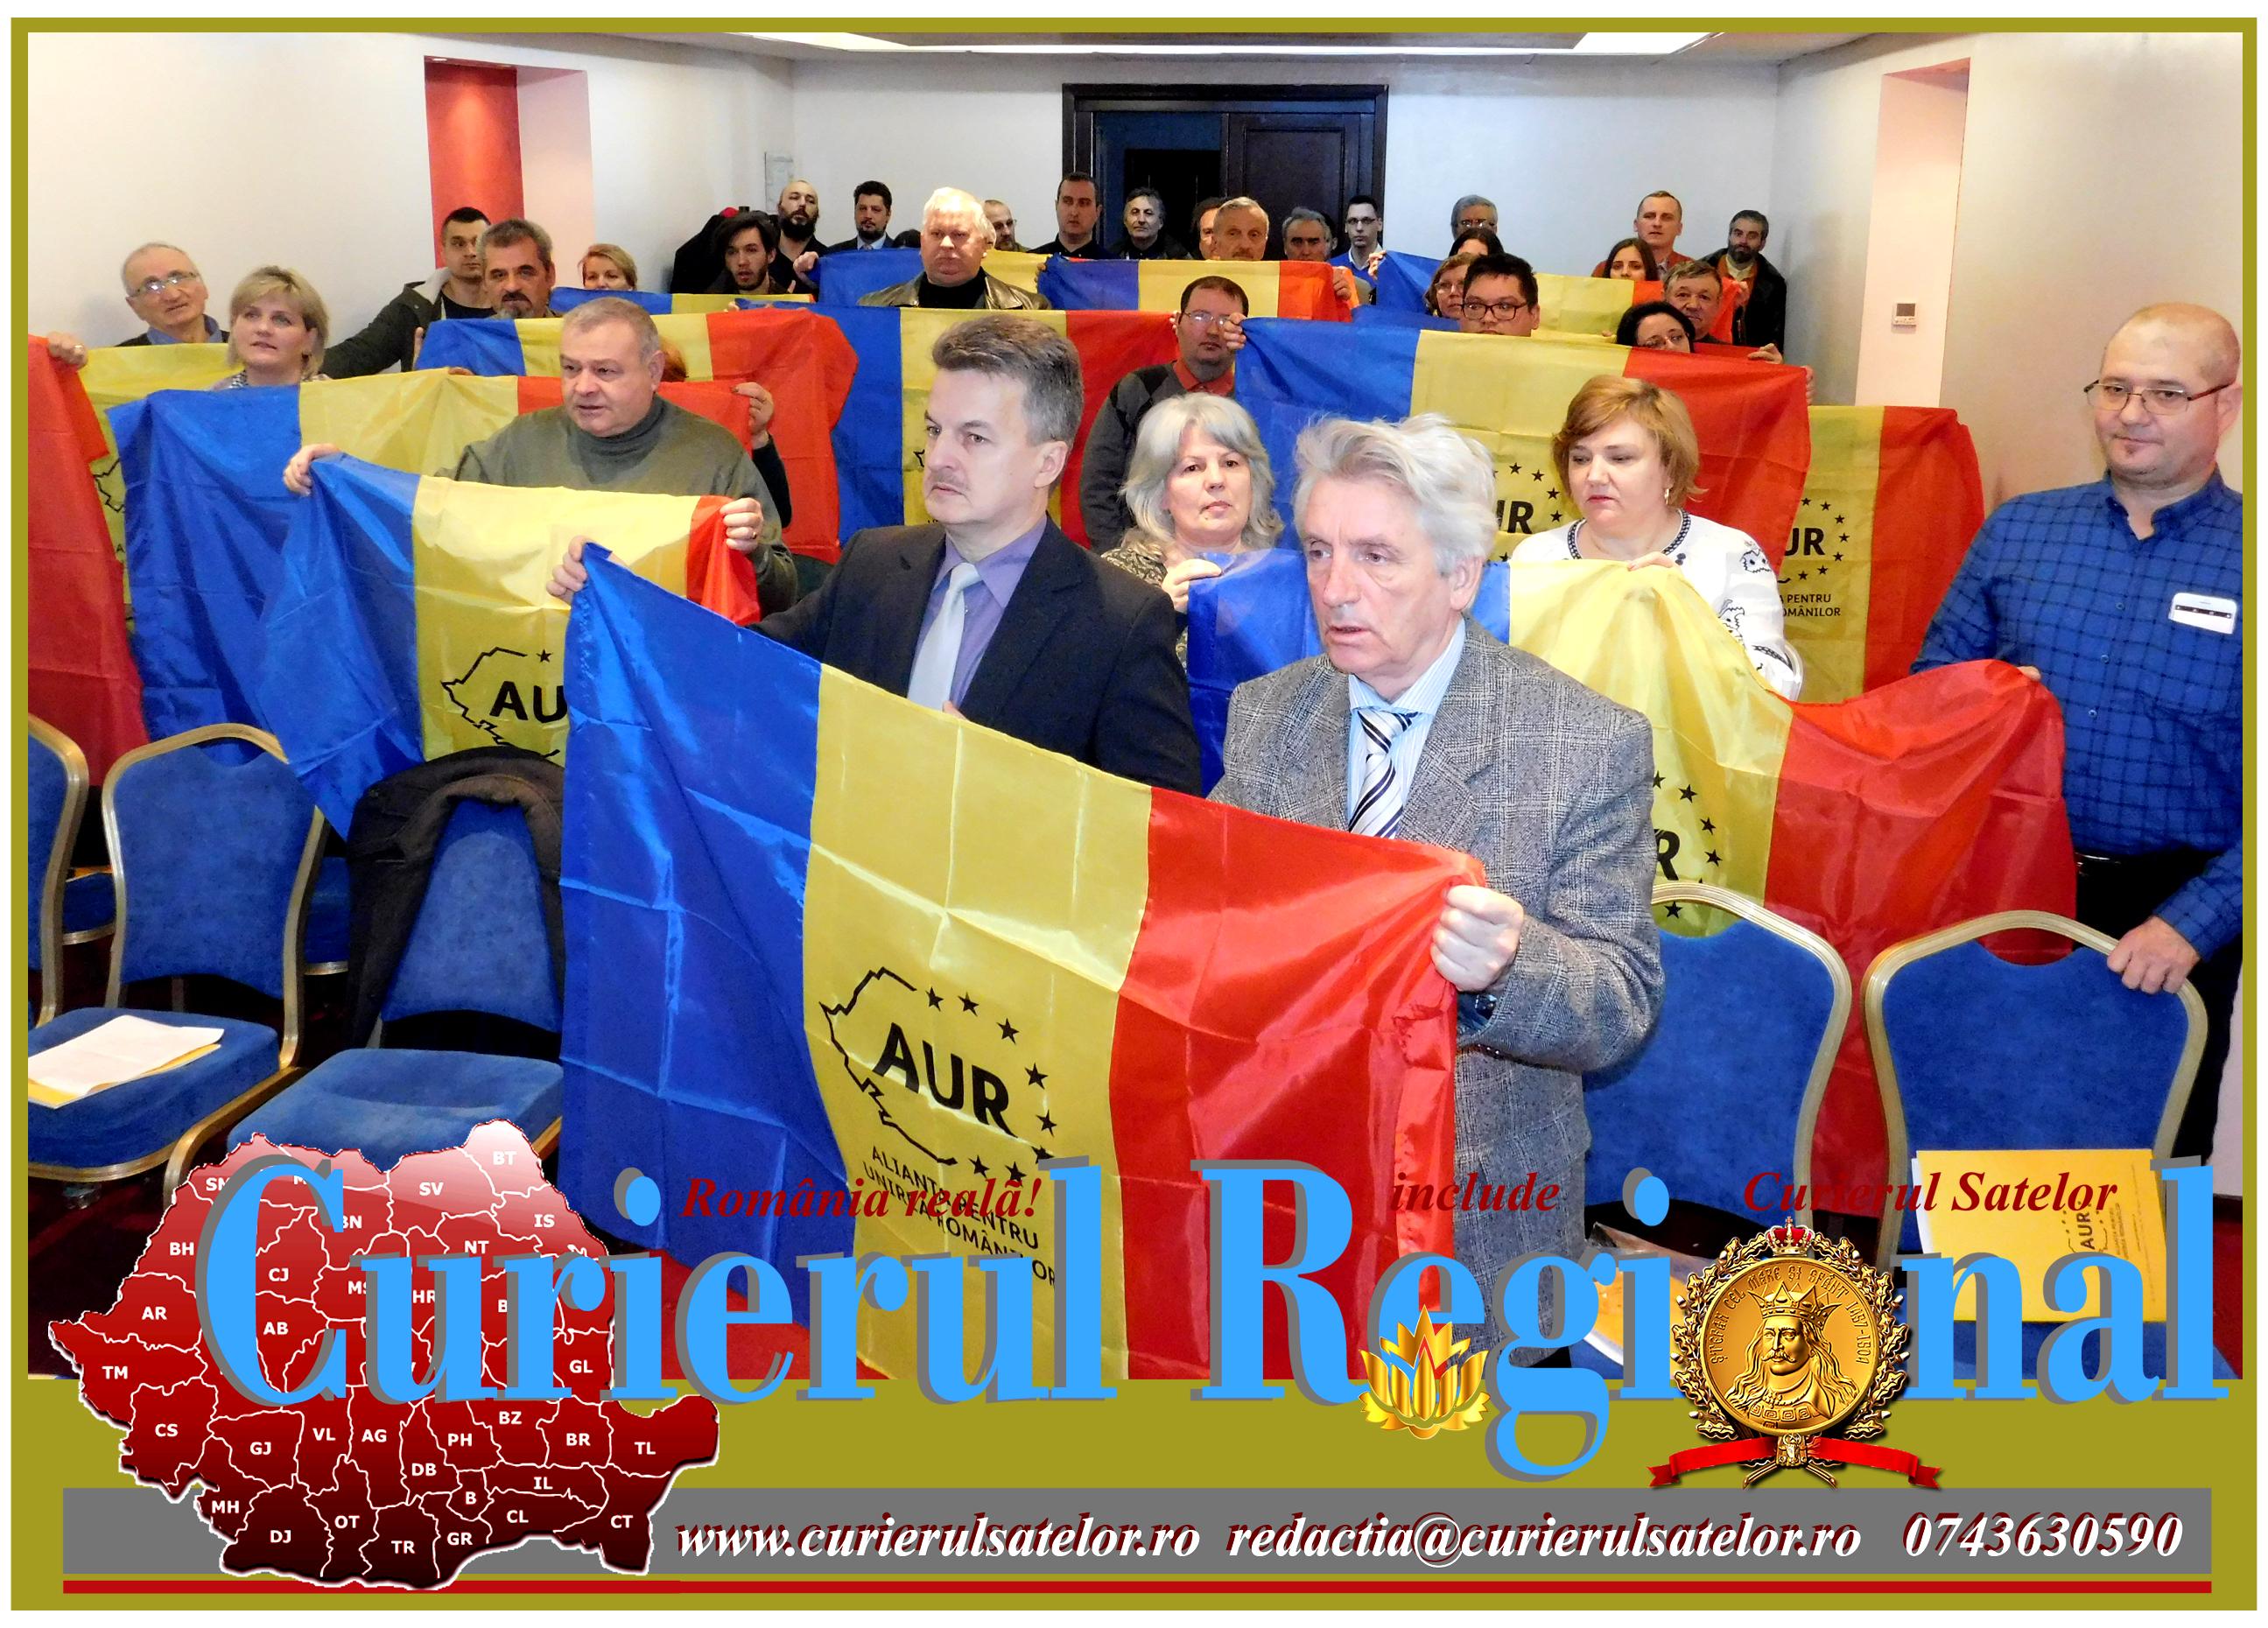 Partidul de AUR al lui George Simion s-a lansat și la Botoșani 14